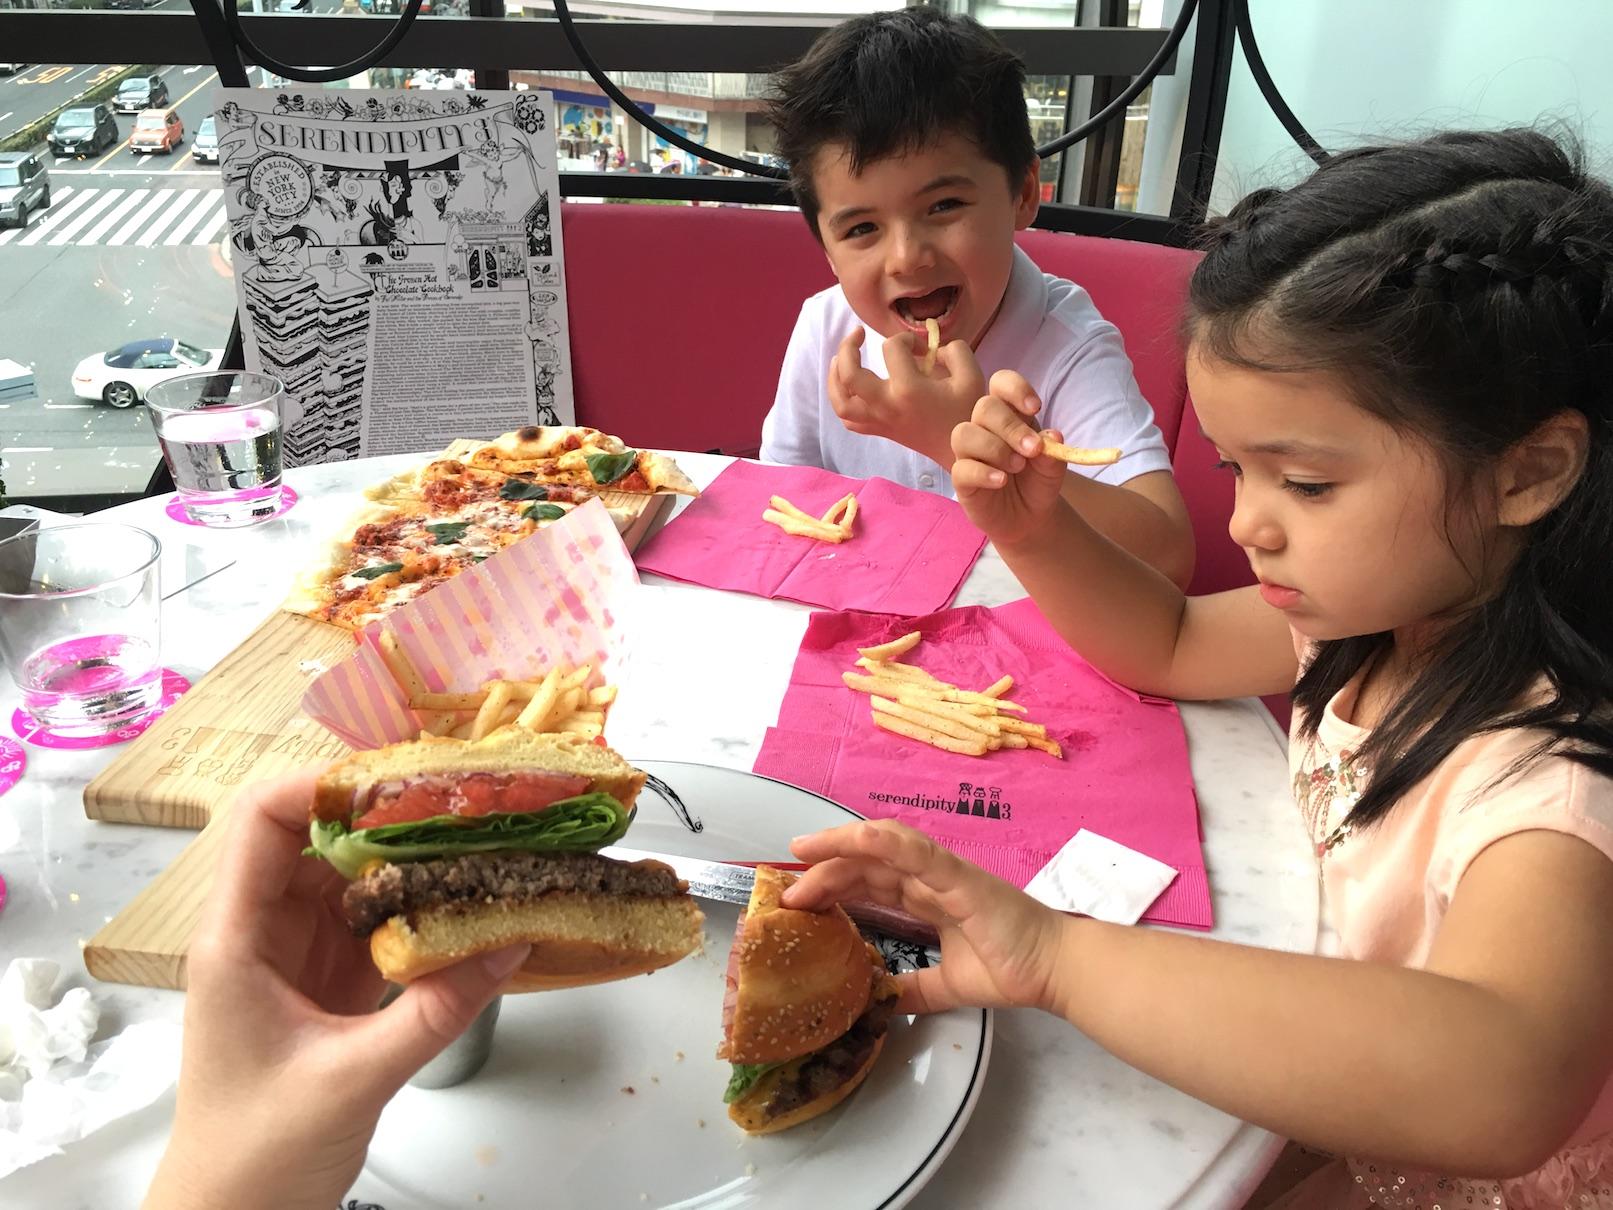 Serendity 3 child-friendly restaurant, Omotensando Tokyo burger